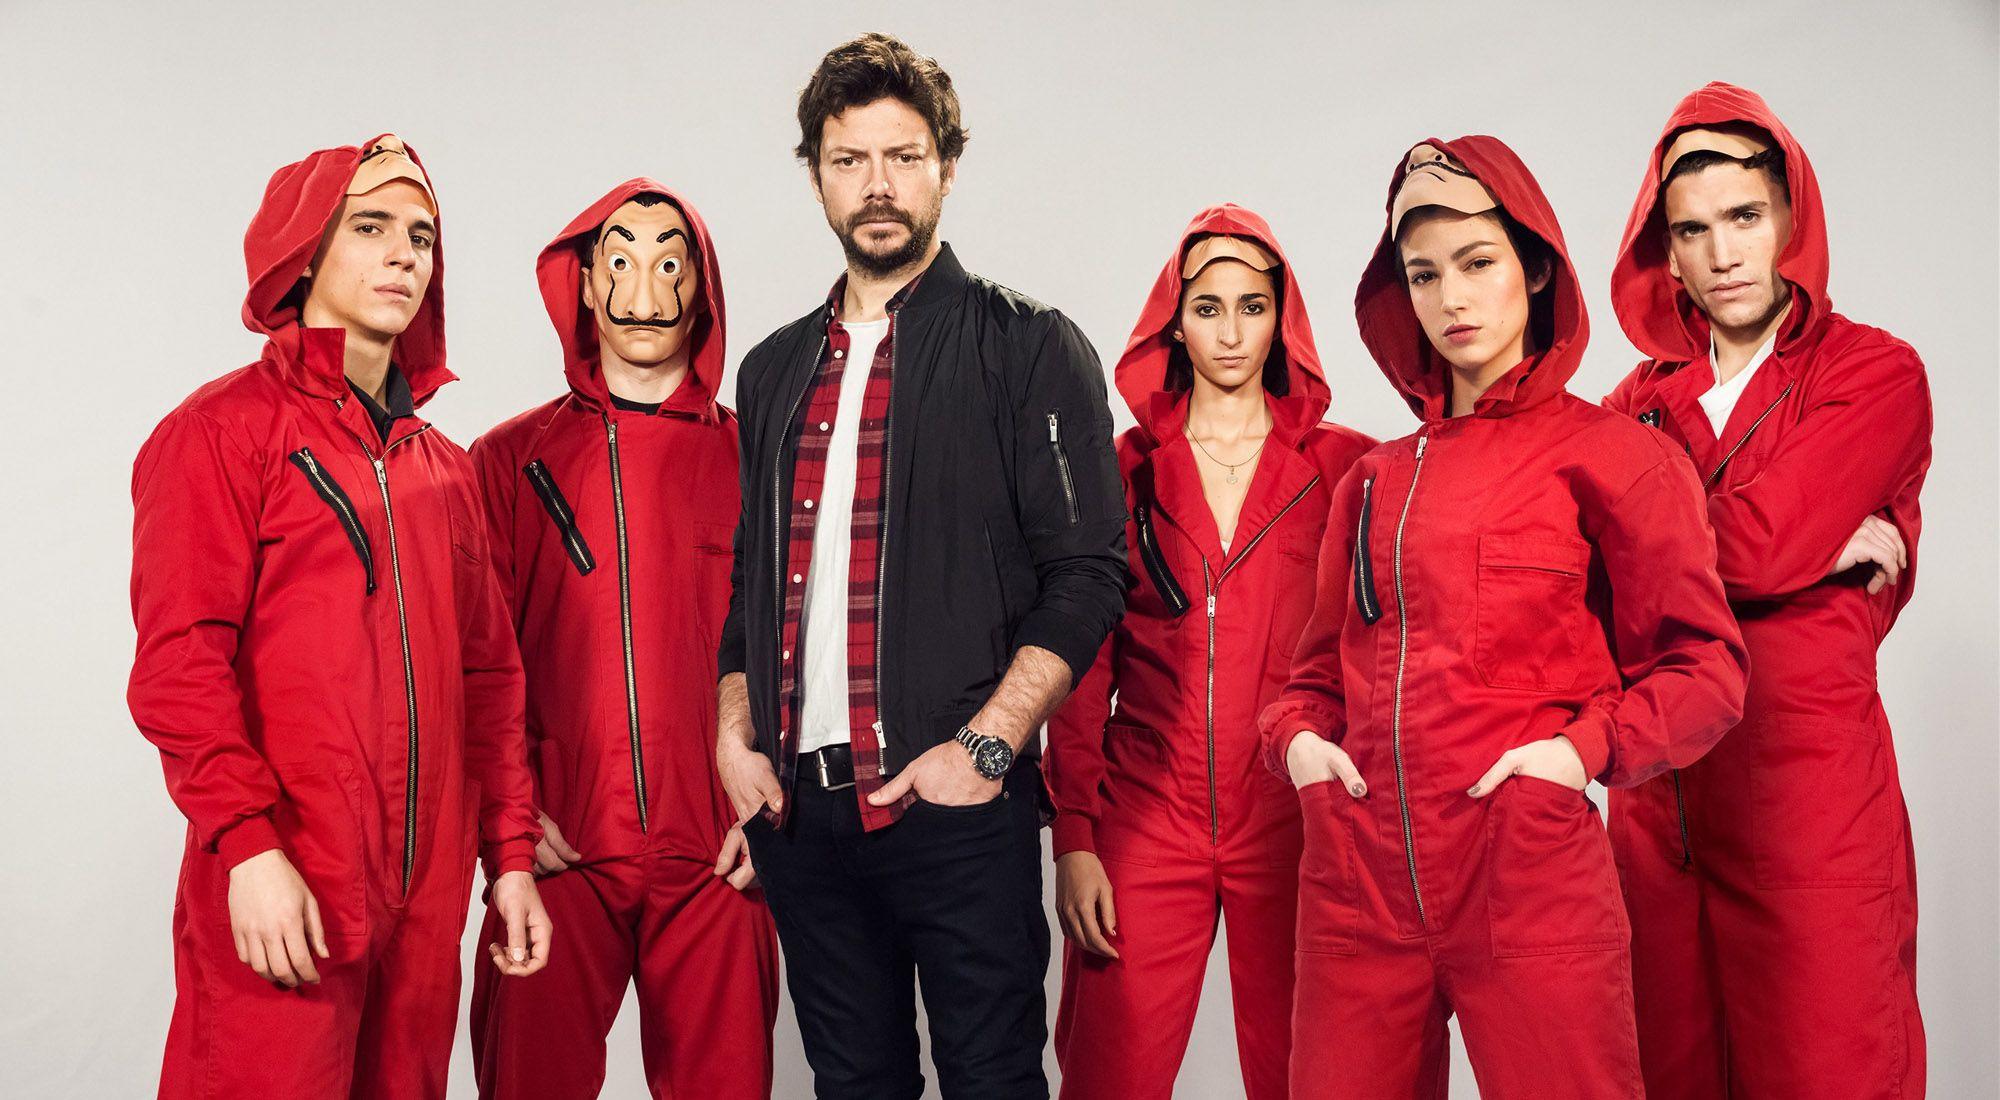 سومین و جاه طلبانه ترین پروژه الکس پینا پس از آخرین فصل از سریال پرطرفدار Money Heist ؛ سریالی دیگر برای سرویس نتفلیکس با نام Sky Rojo است